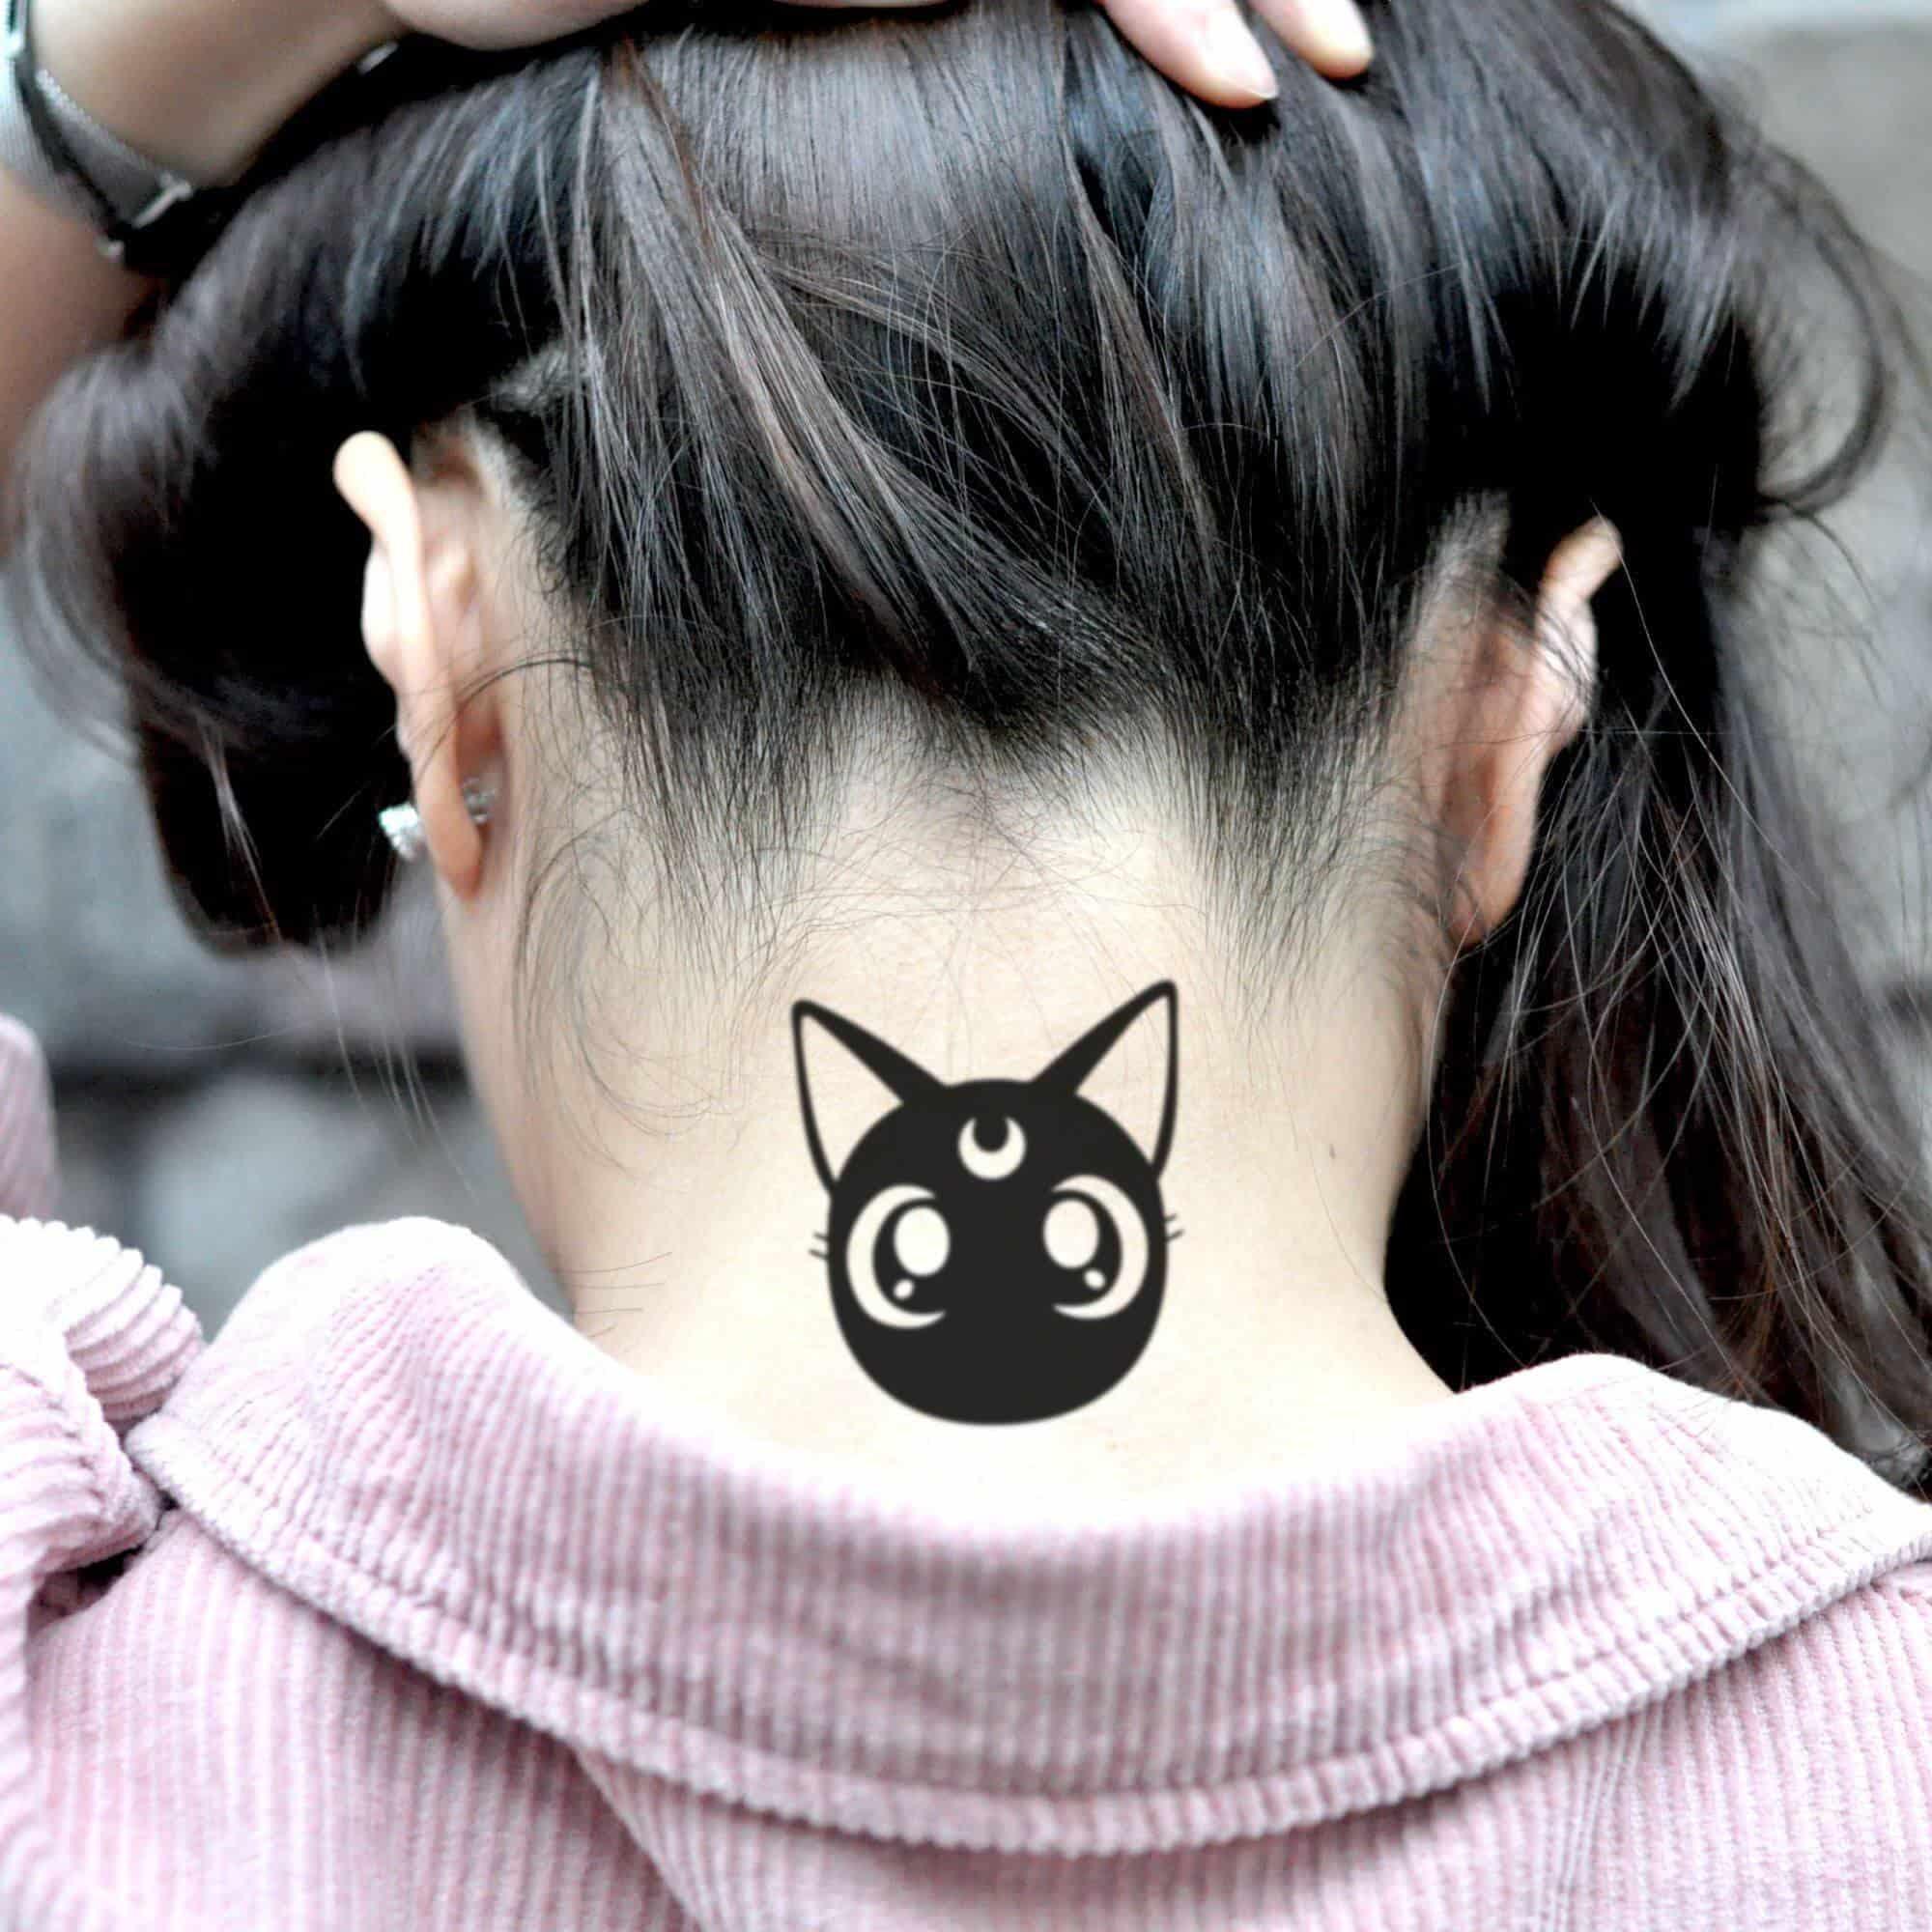 luna sailor moon tattoo on neck